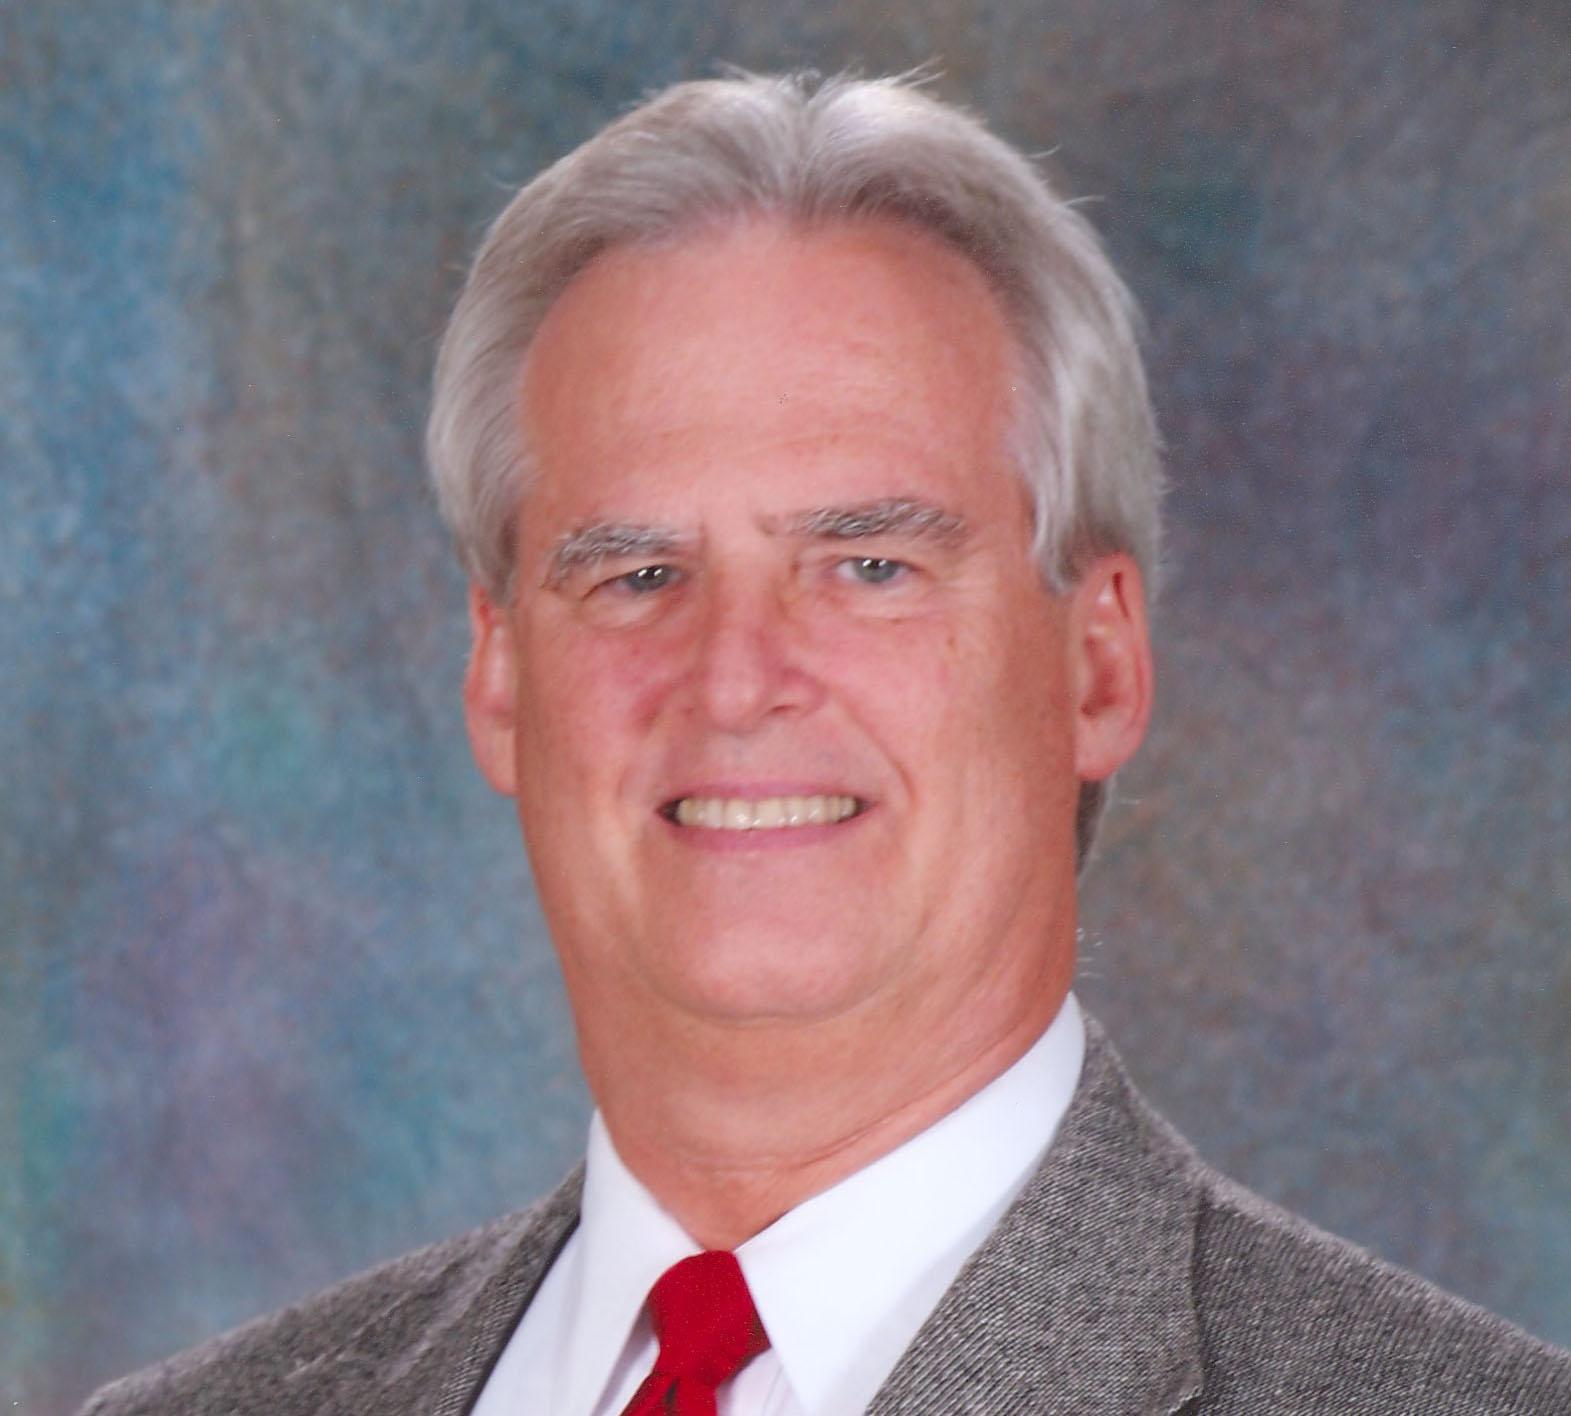 Dr. Steve Whatley